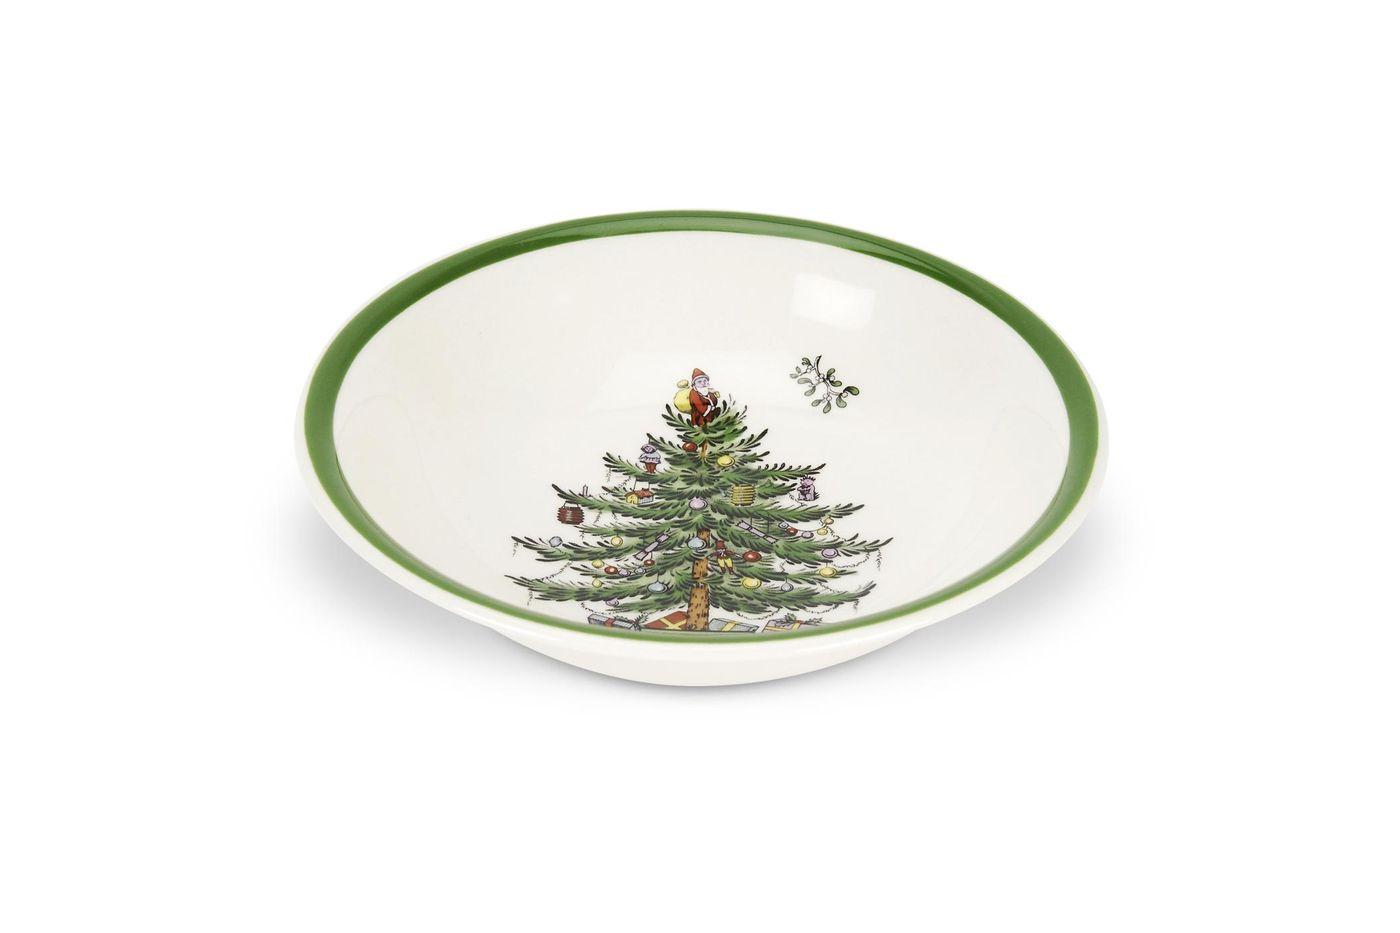 """Spode Christmas Tree Soup / Cereal Bowl 6 1/4"""" thumb 1"""